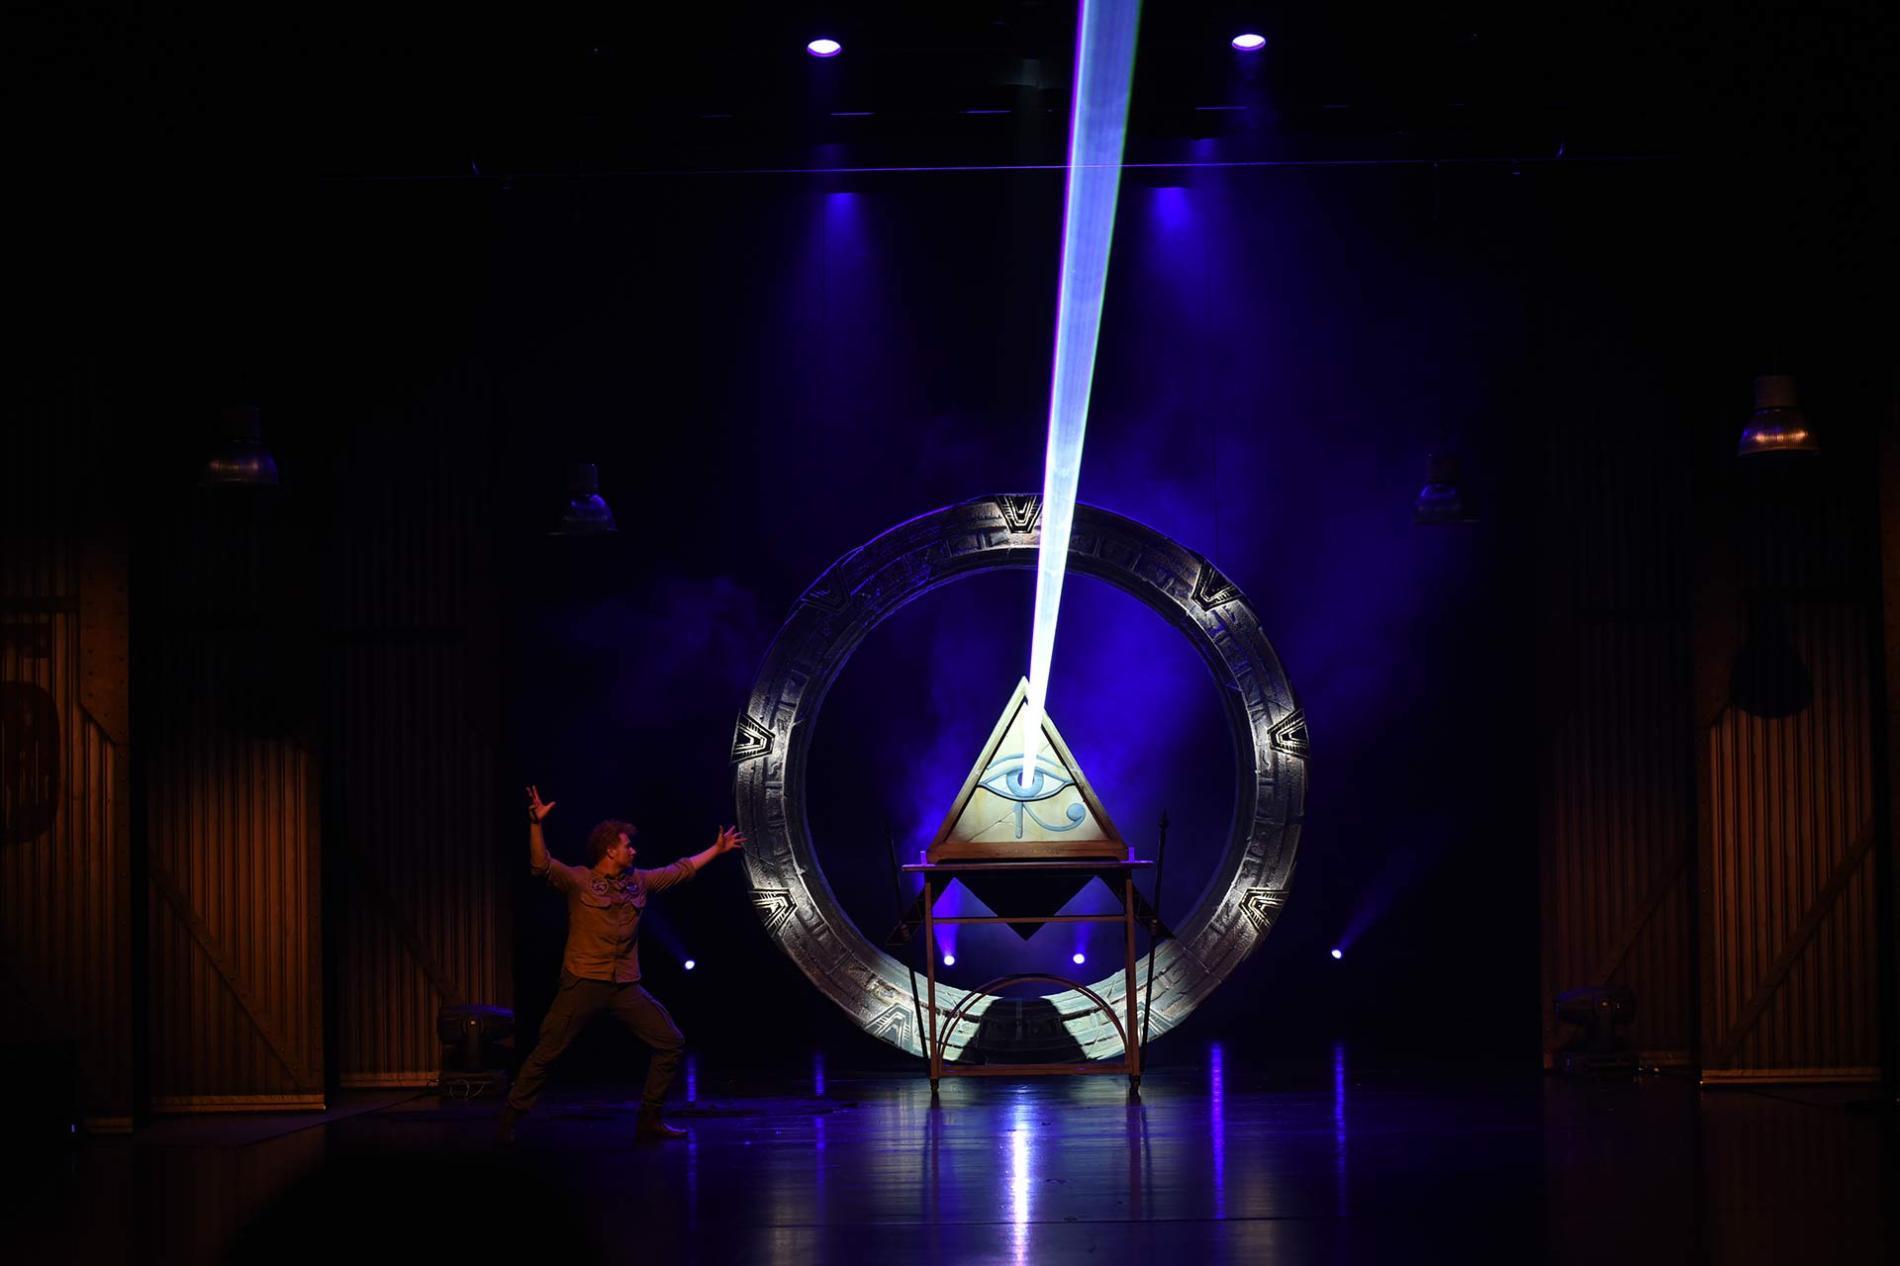 El Mago Yunke durante la representación de uno de sus trucos.